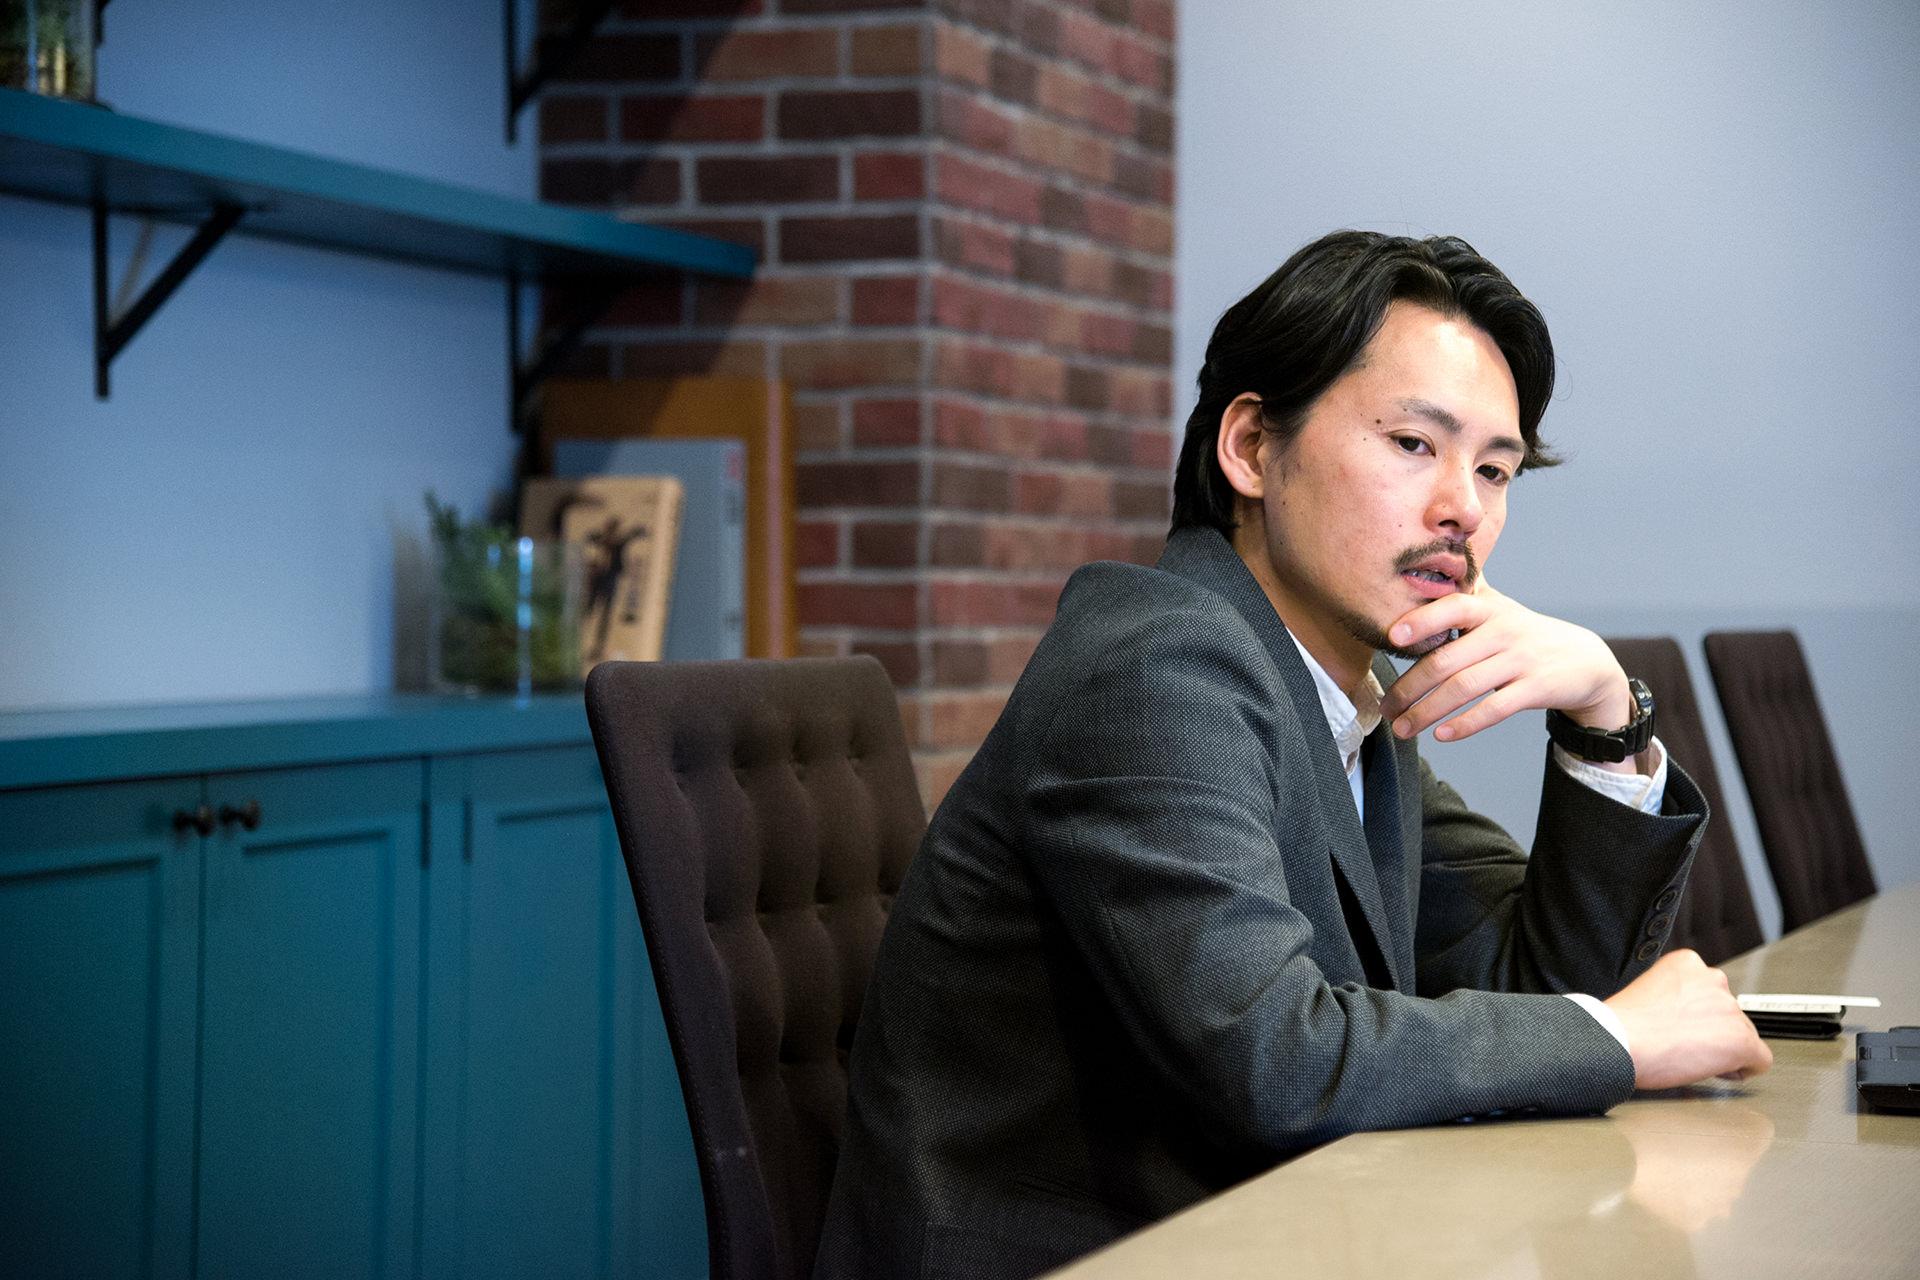 『働く』という概念が消滅していく時代になる——WORKSIGHT山下正太郎